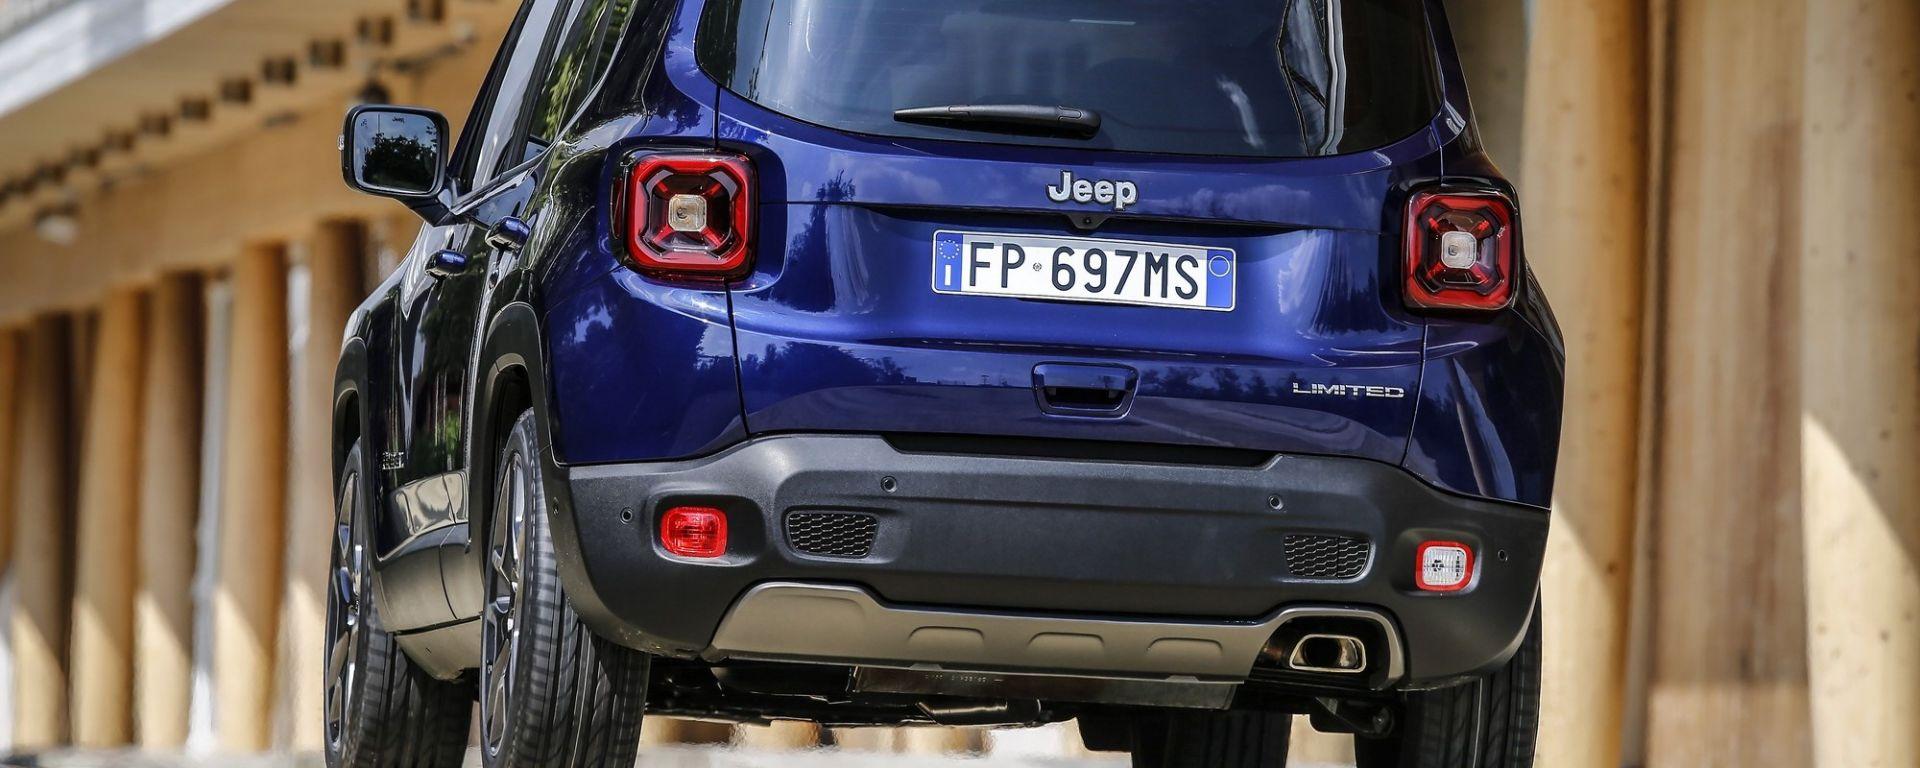 La Jeep Renegade 2019 è ricca di rivali